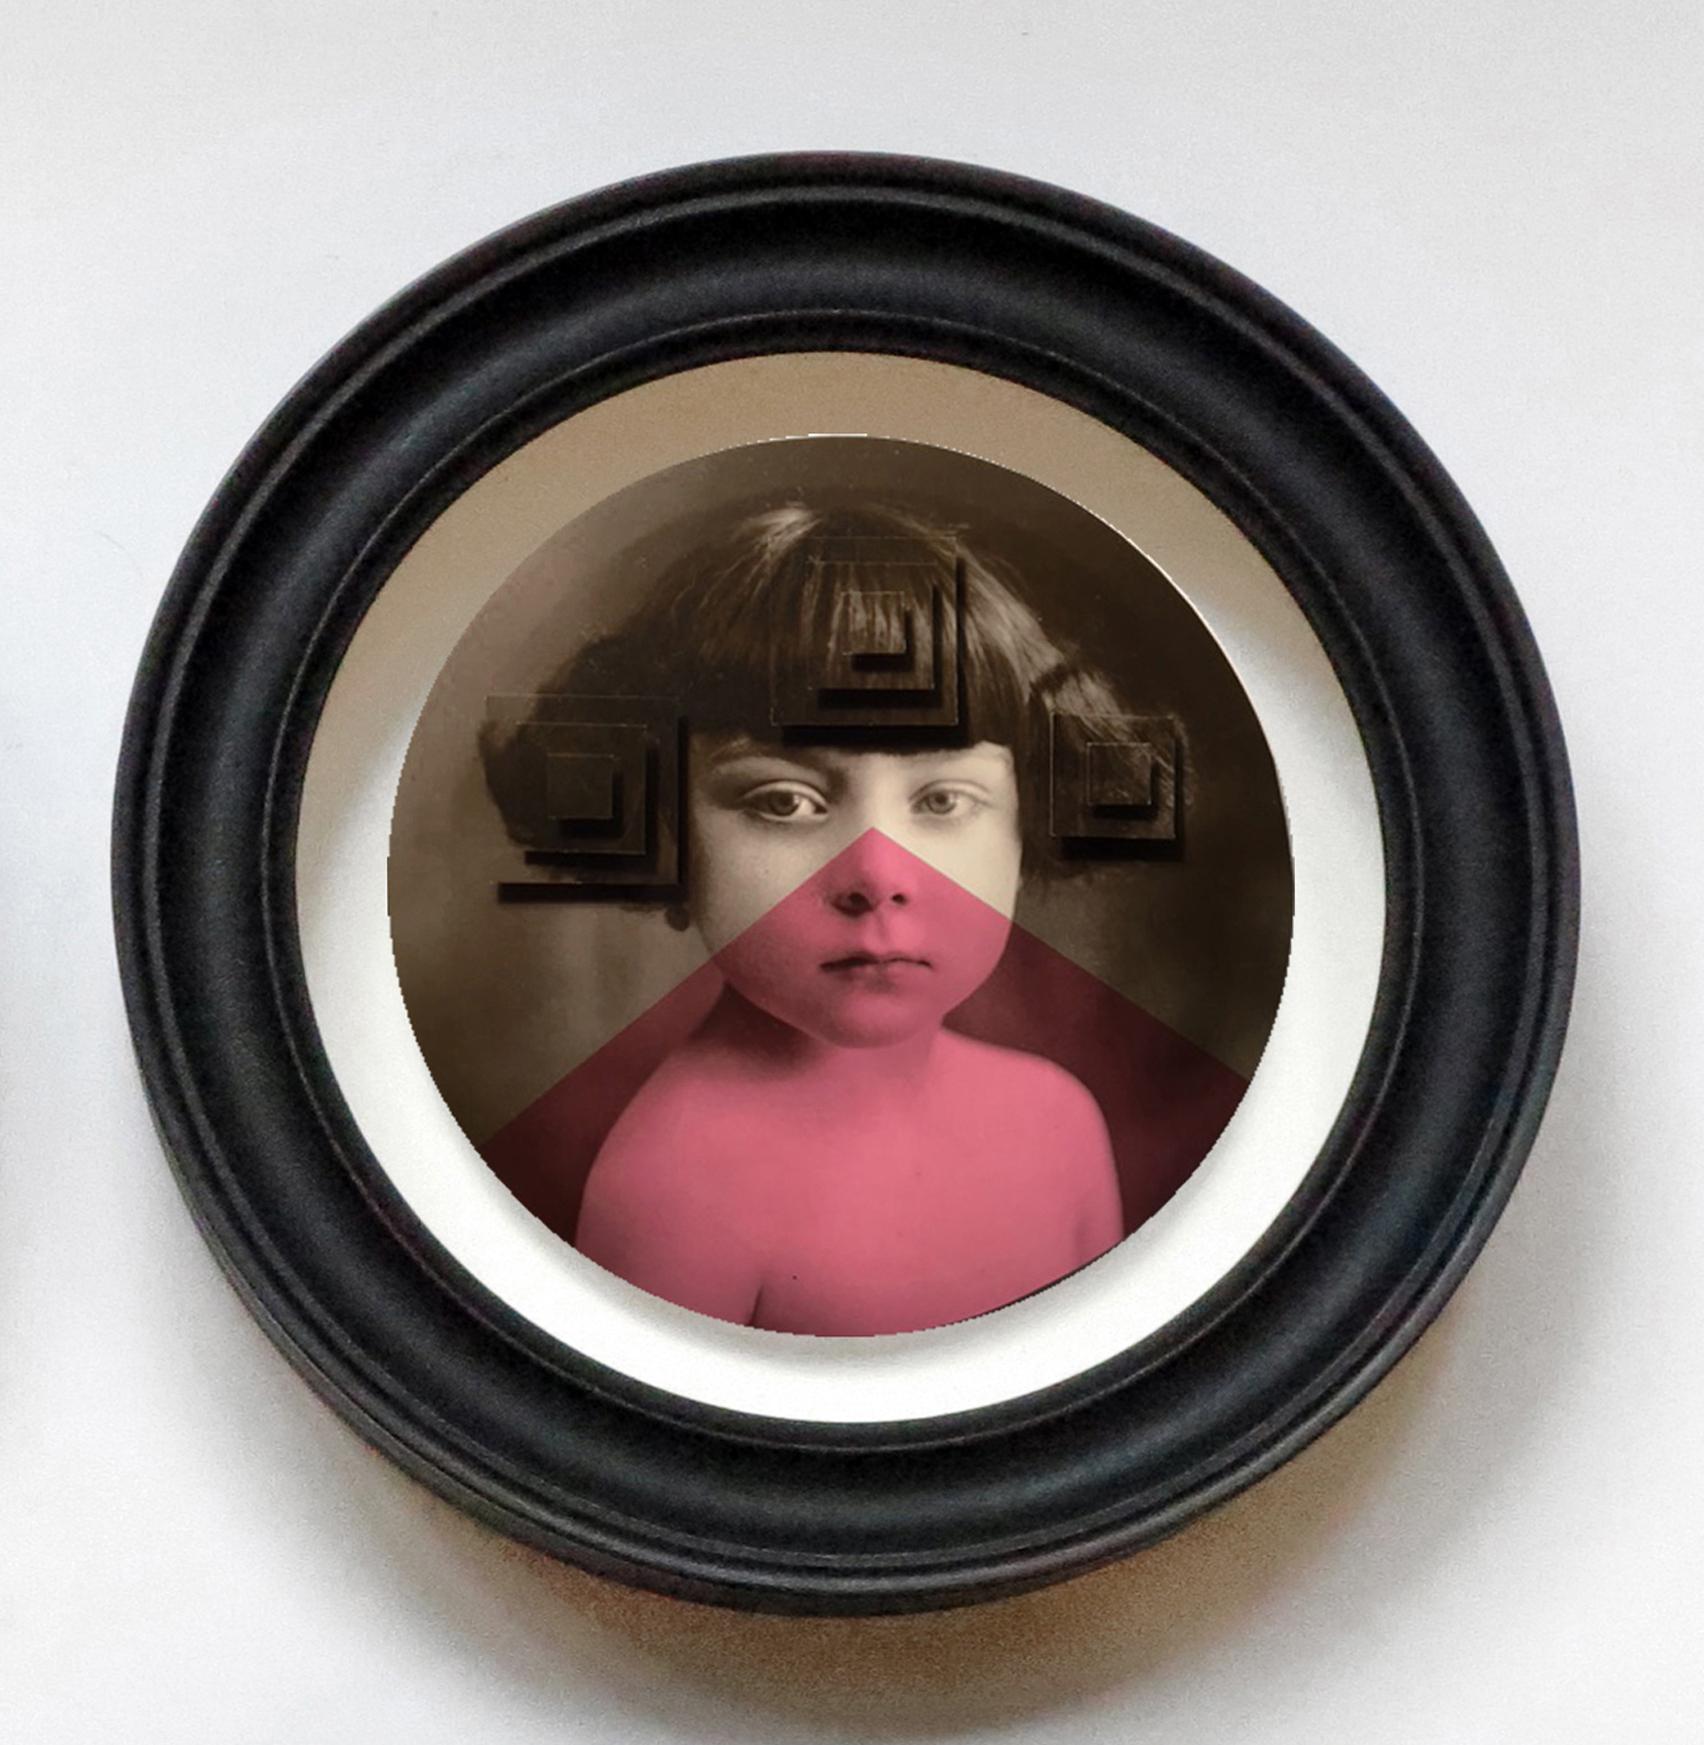 1. Galleria-l'Affiche_Alfred-Drago-Rens_La-Petite-Gau#1_2016_24x24 cm.jpg